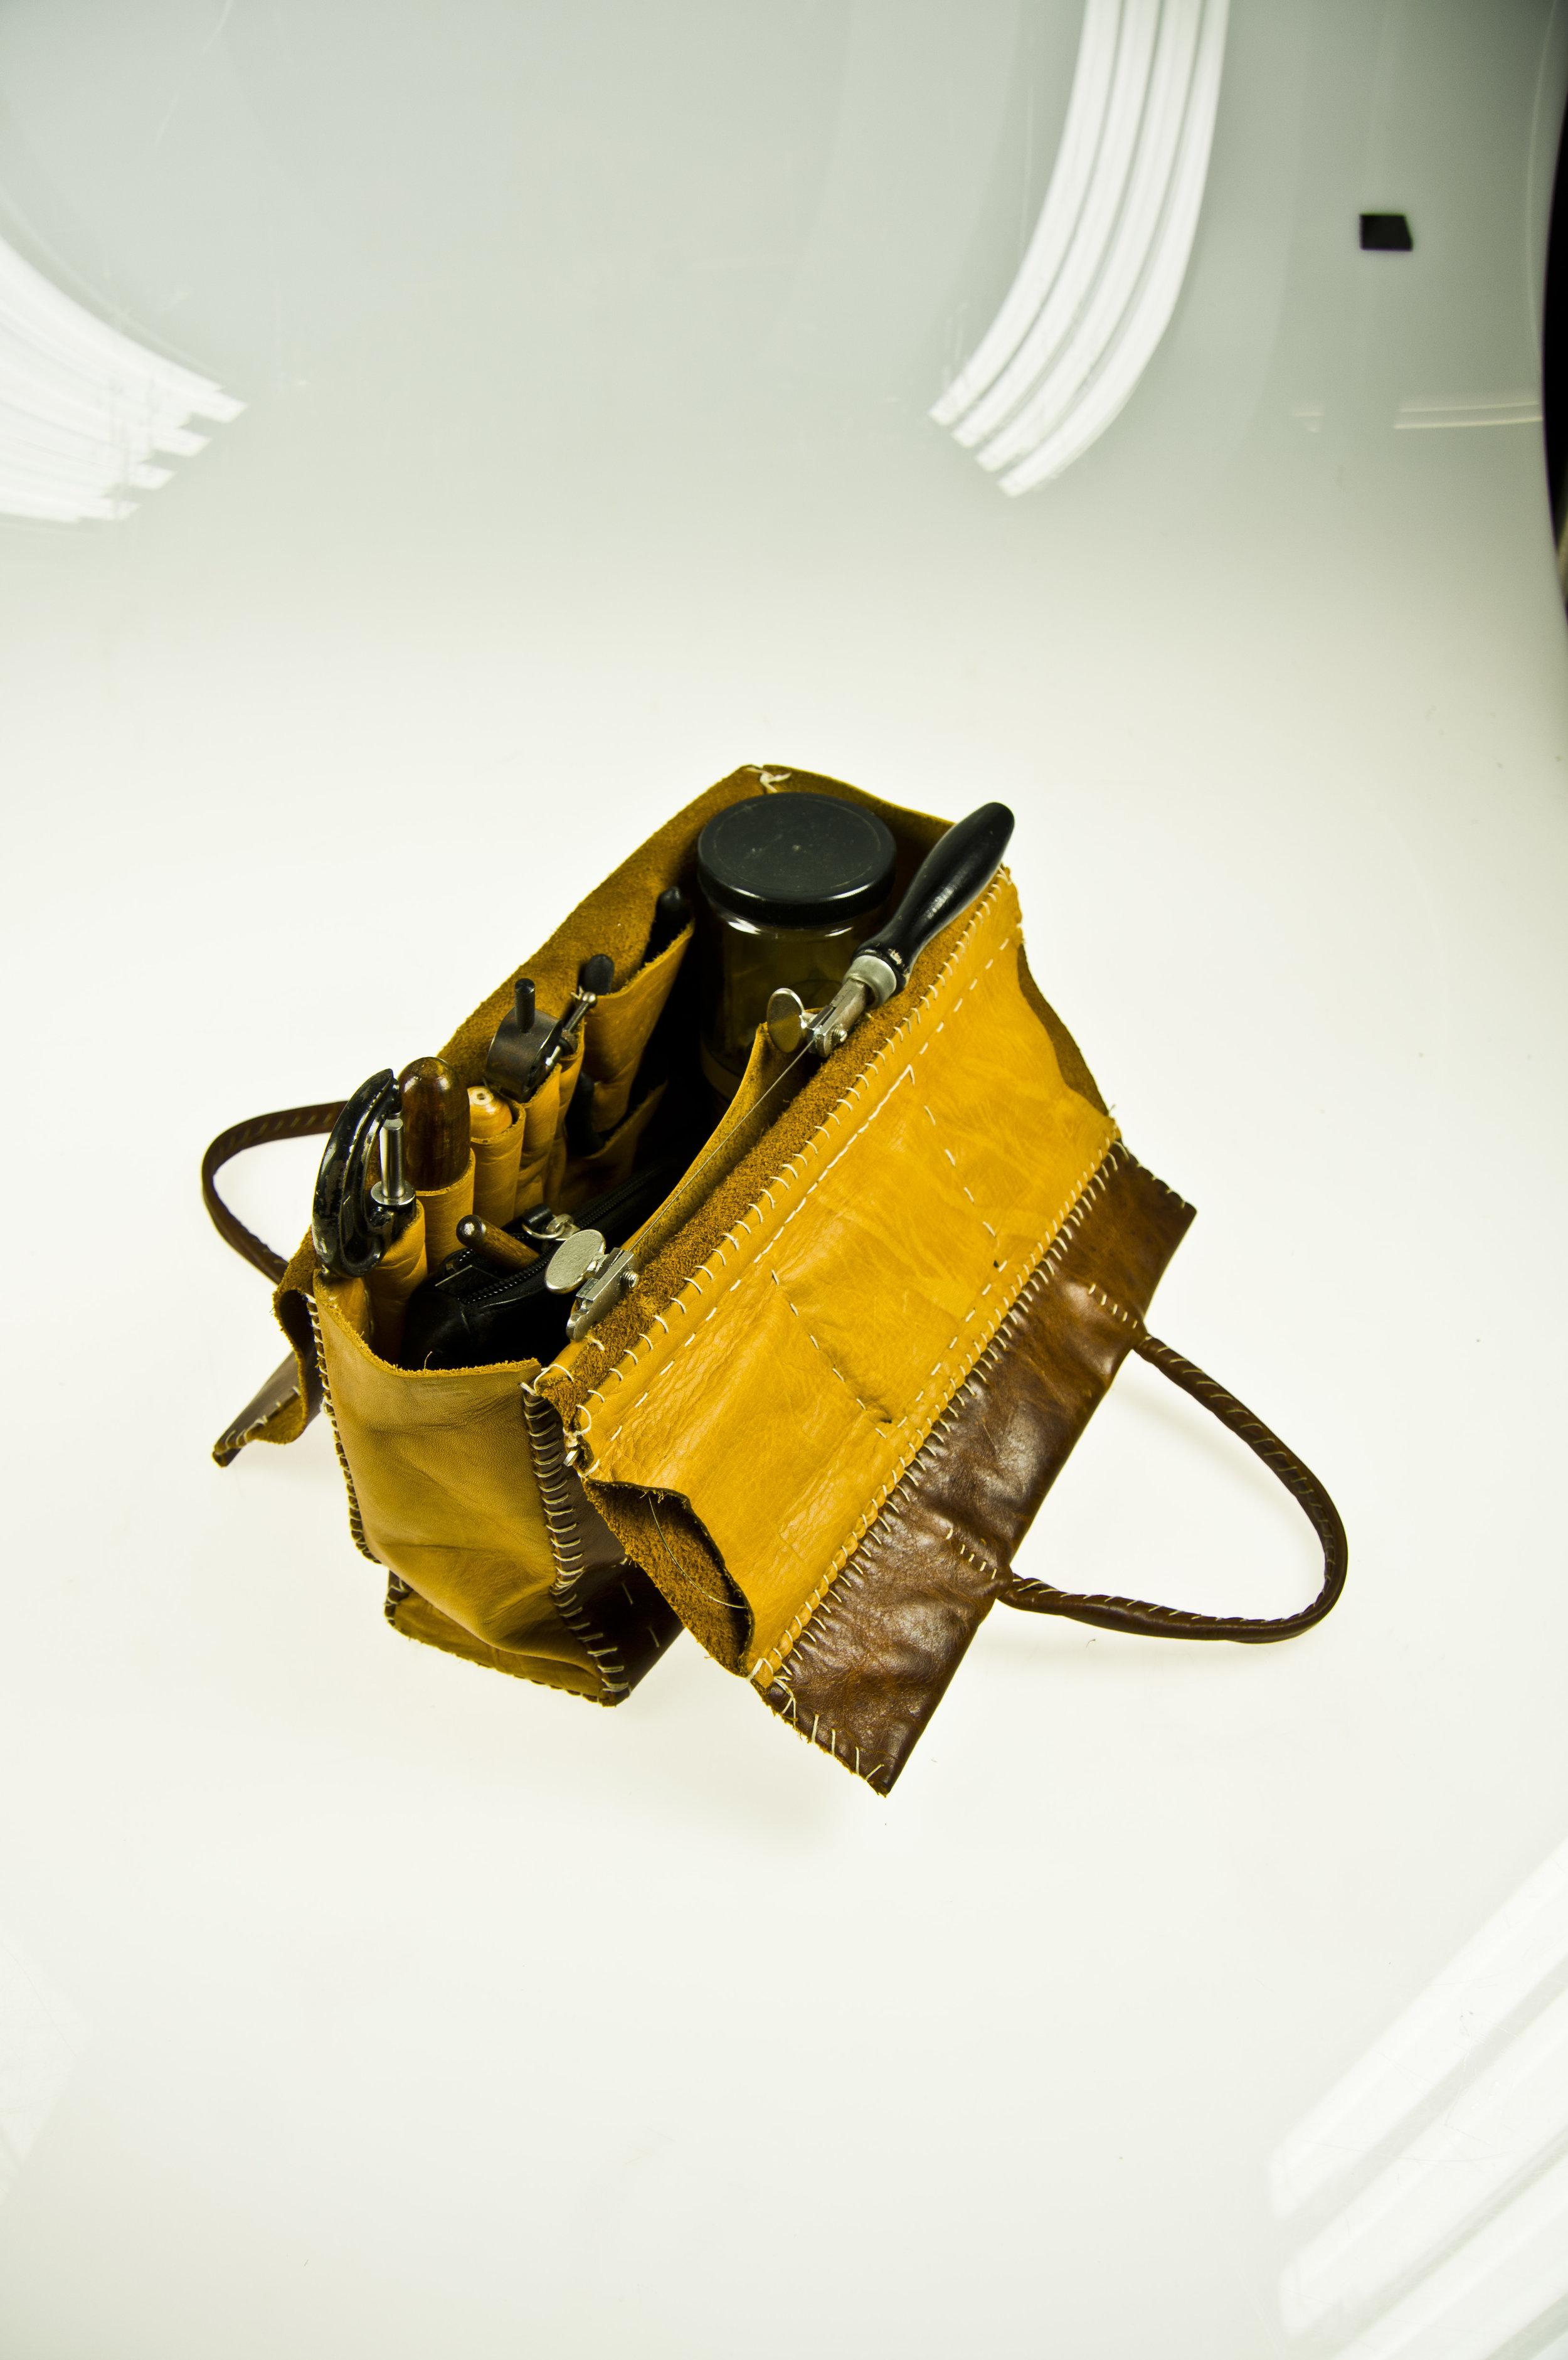 Jewelers tool bag.